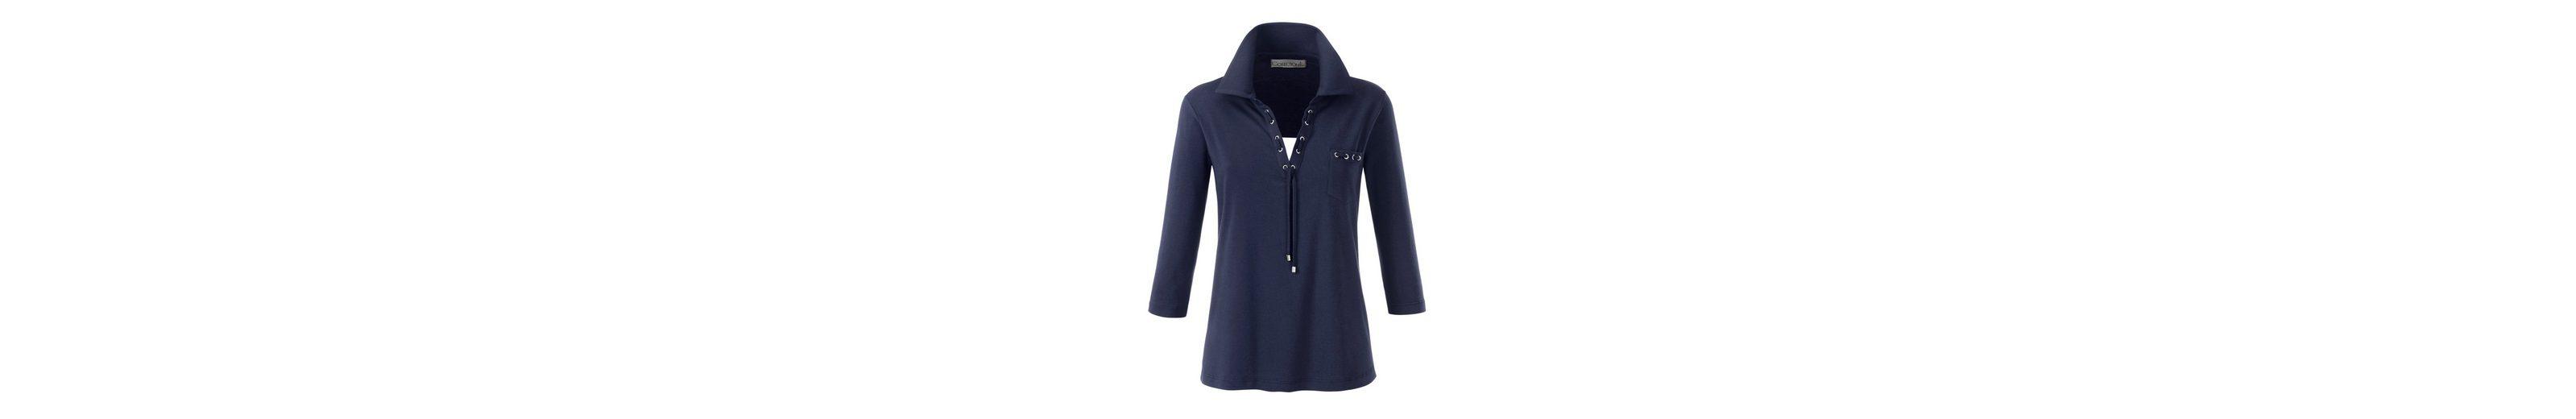 Niedriger Preis Günstig Online Neueste Online Collection L. 2-in-1-Shirt mit dekorativen Bändchen Verkauf Online-Shop IYo7cwSx8